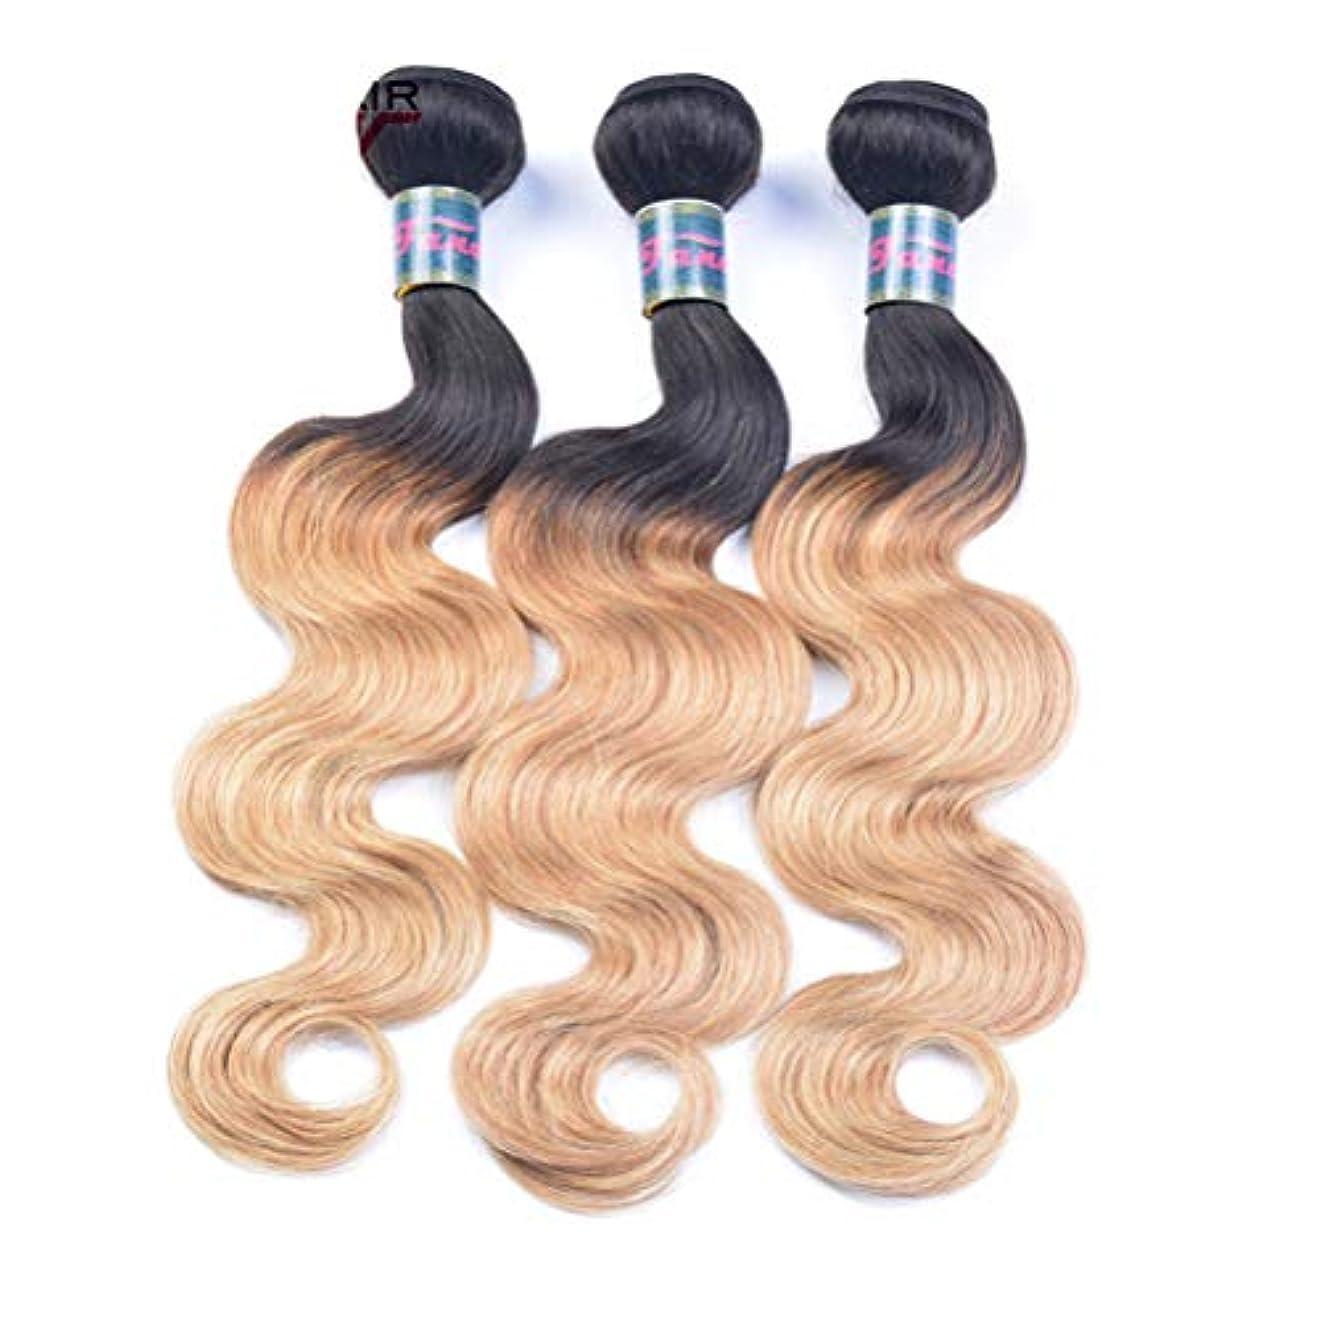 建てる悪化するダイバーブラジルの髪織り髪バンドル実体波1バンドル髪バンドル実体波人間の髪の毛のグラデーション